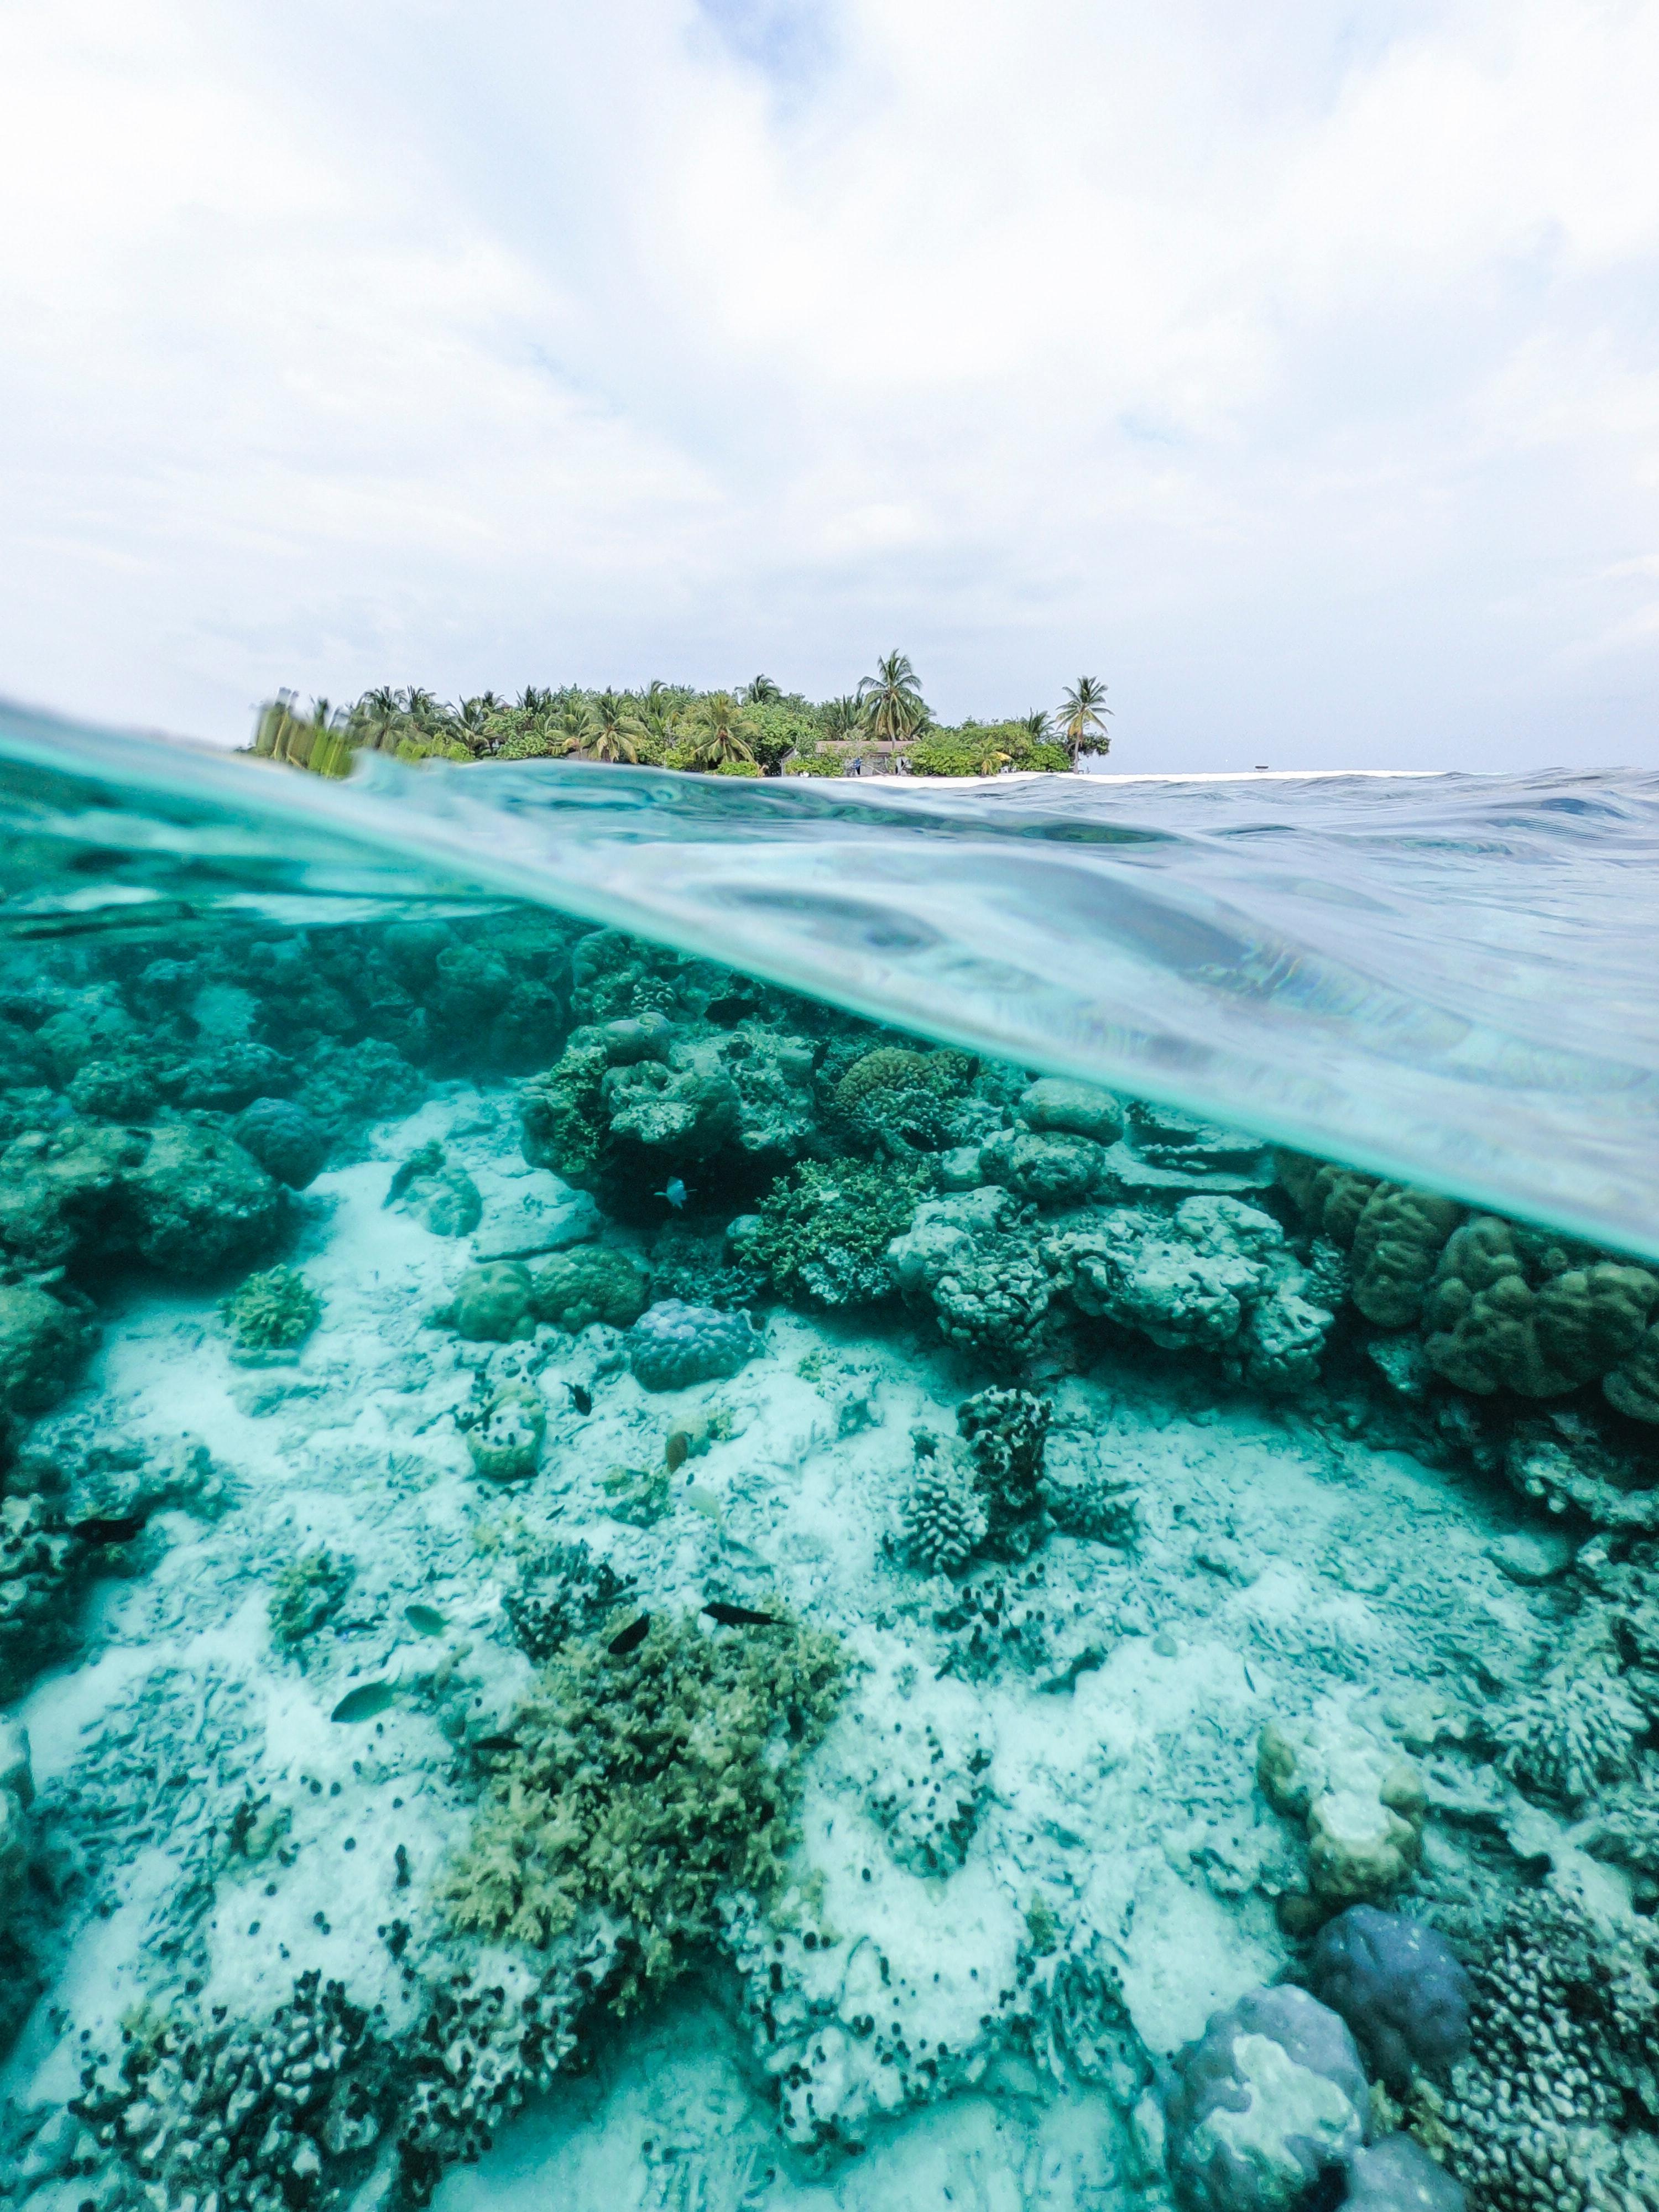 (Français) Le blanchiment de masse frappe la Grande Barrière de corail